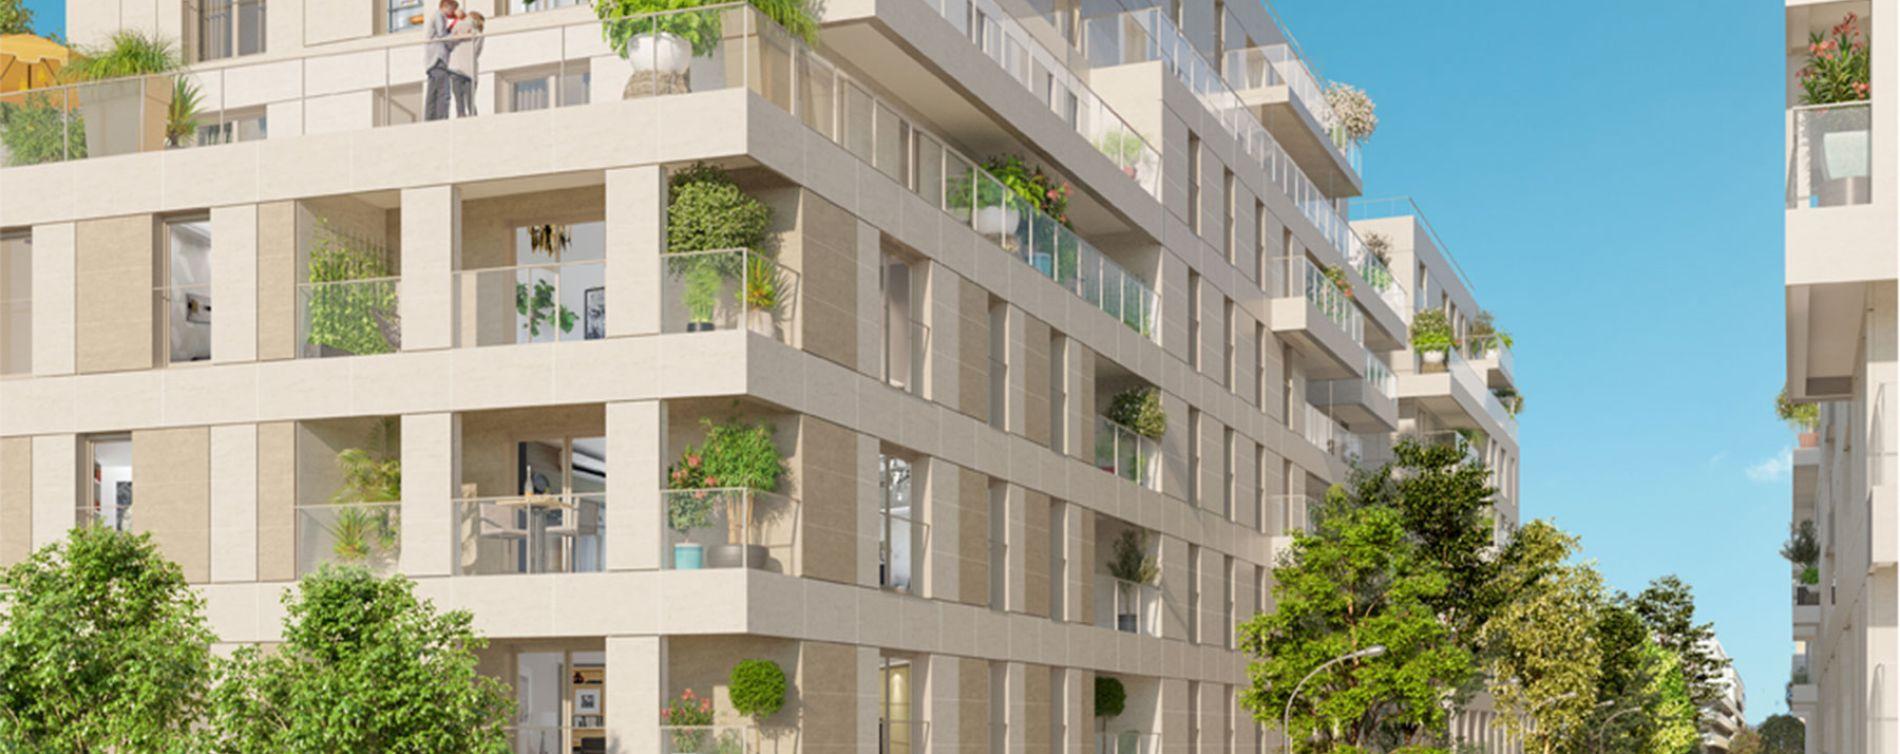 Clichy : programme immobilier neuve « Atrium City » (2)